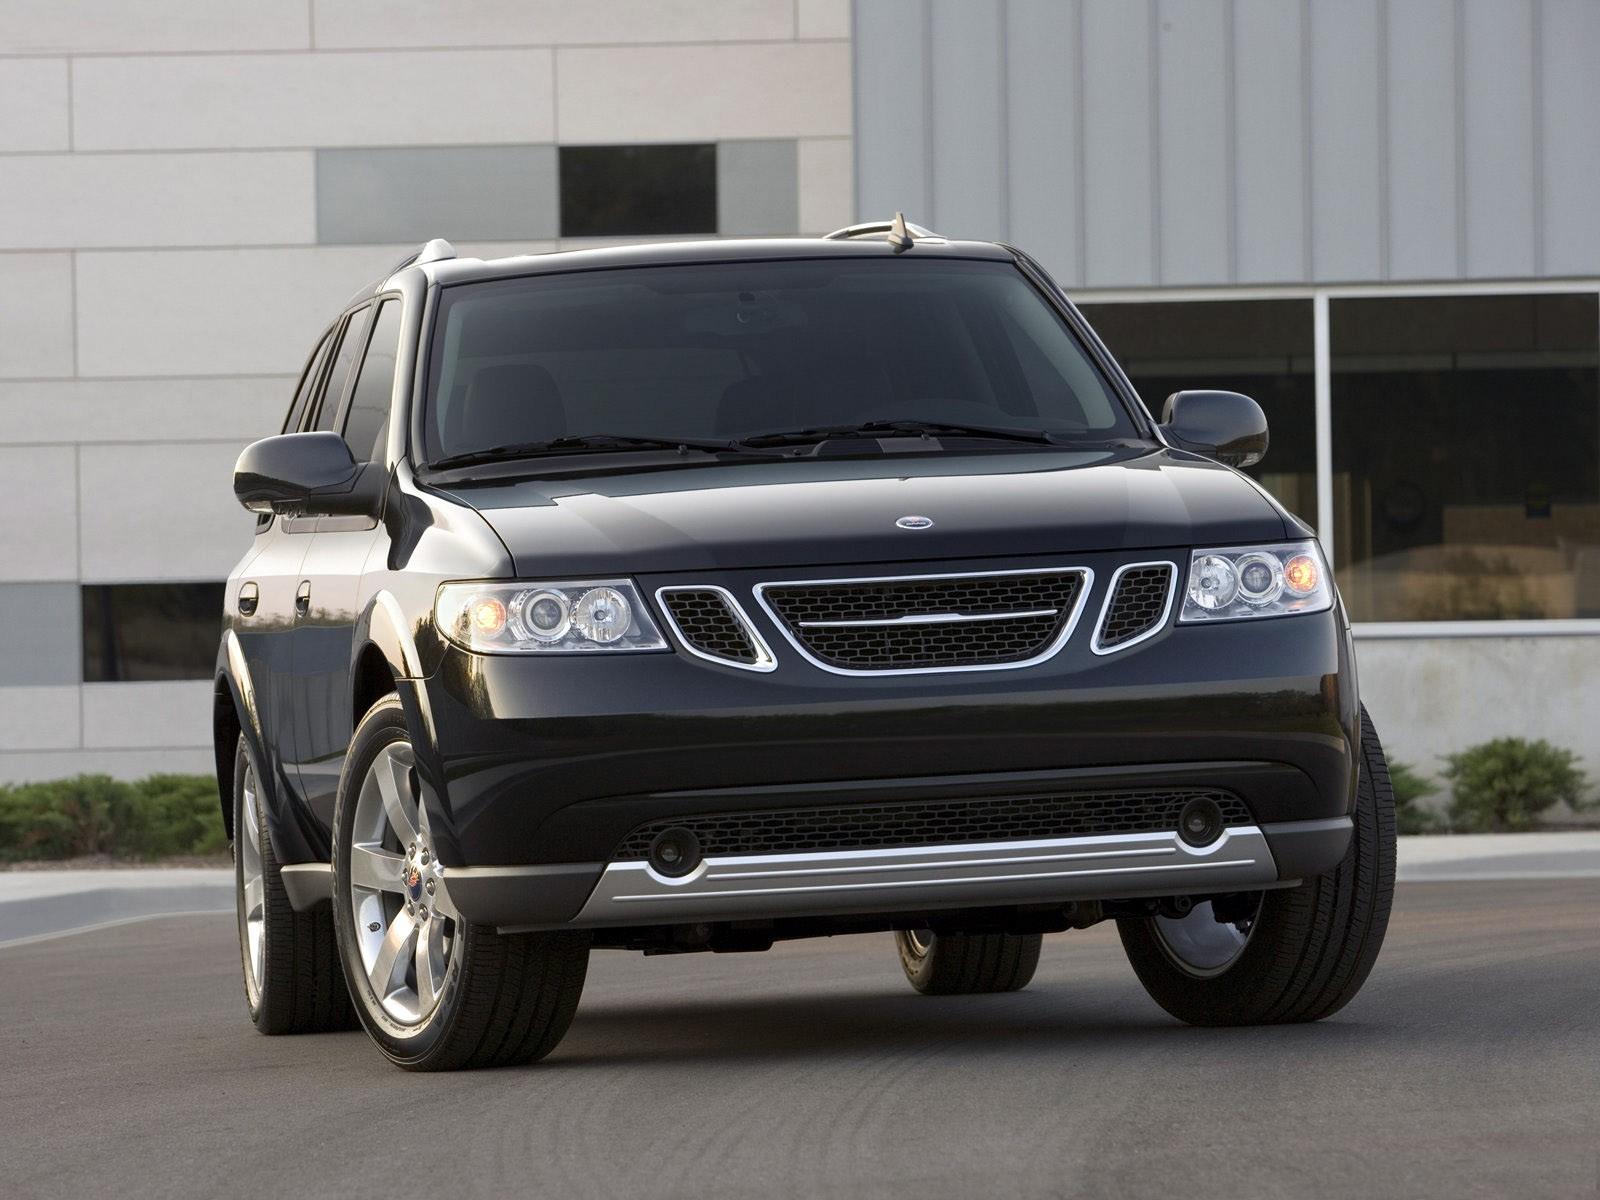 SAAB 9-7X - 2008, 2009 - autoevolution